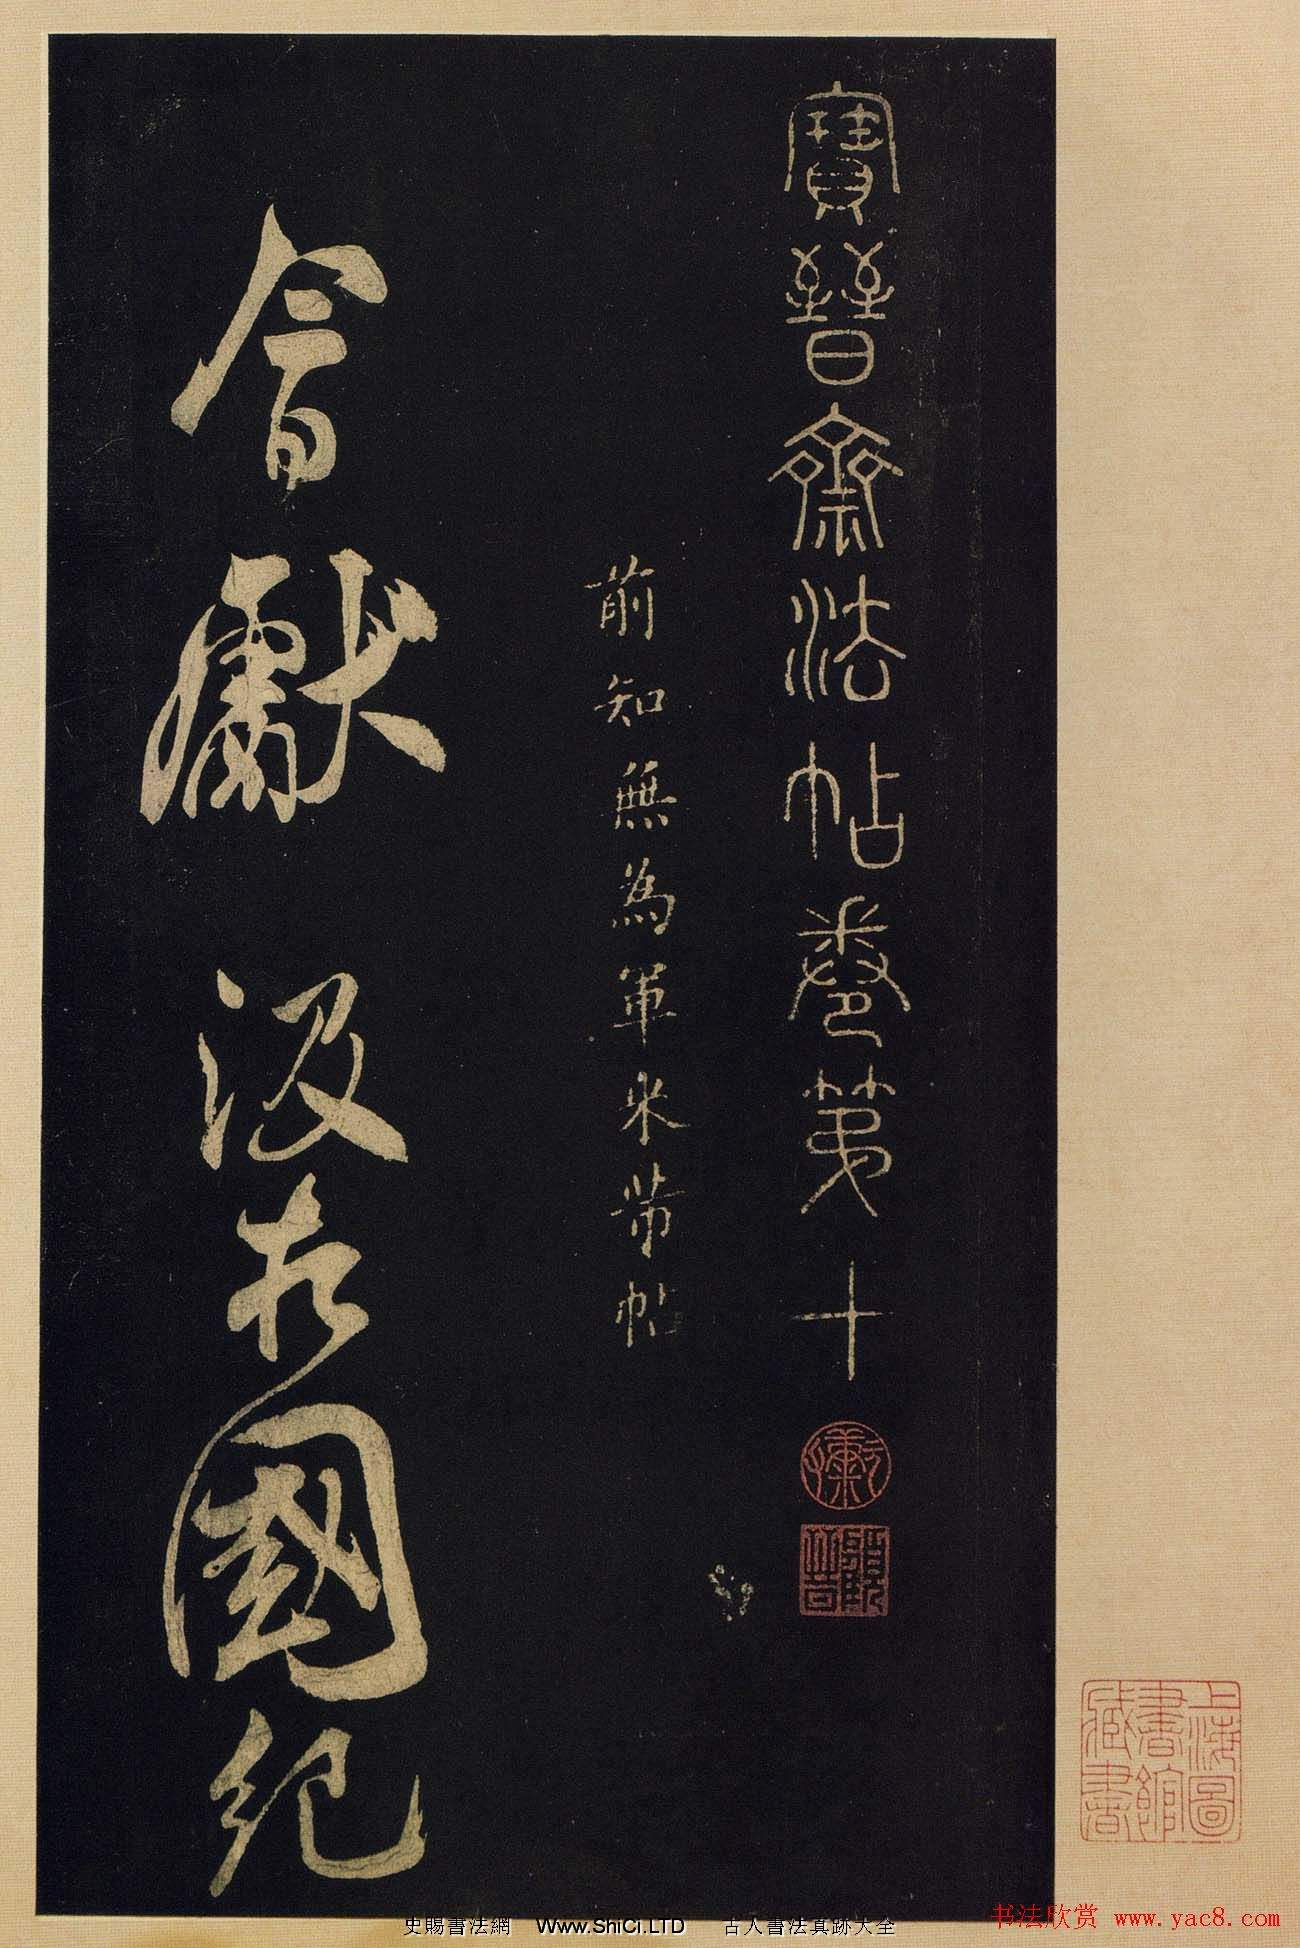 字帖《寶晉齋法帖》卷十-米芾書法集高清大圖(共76張圖片)